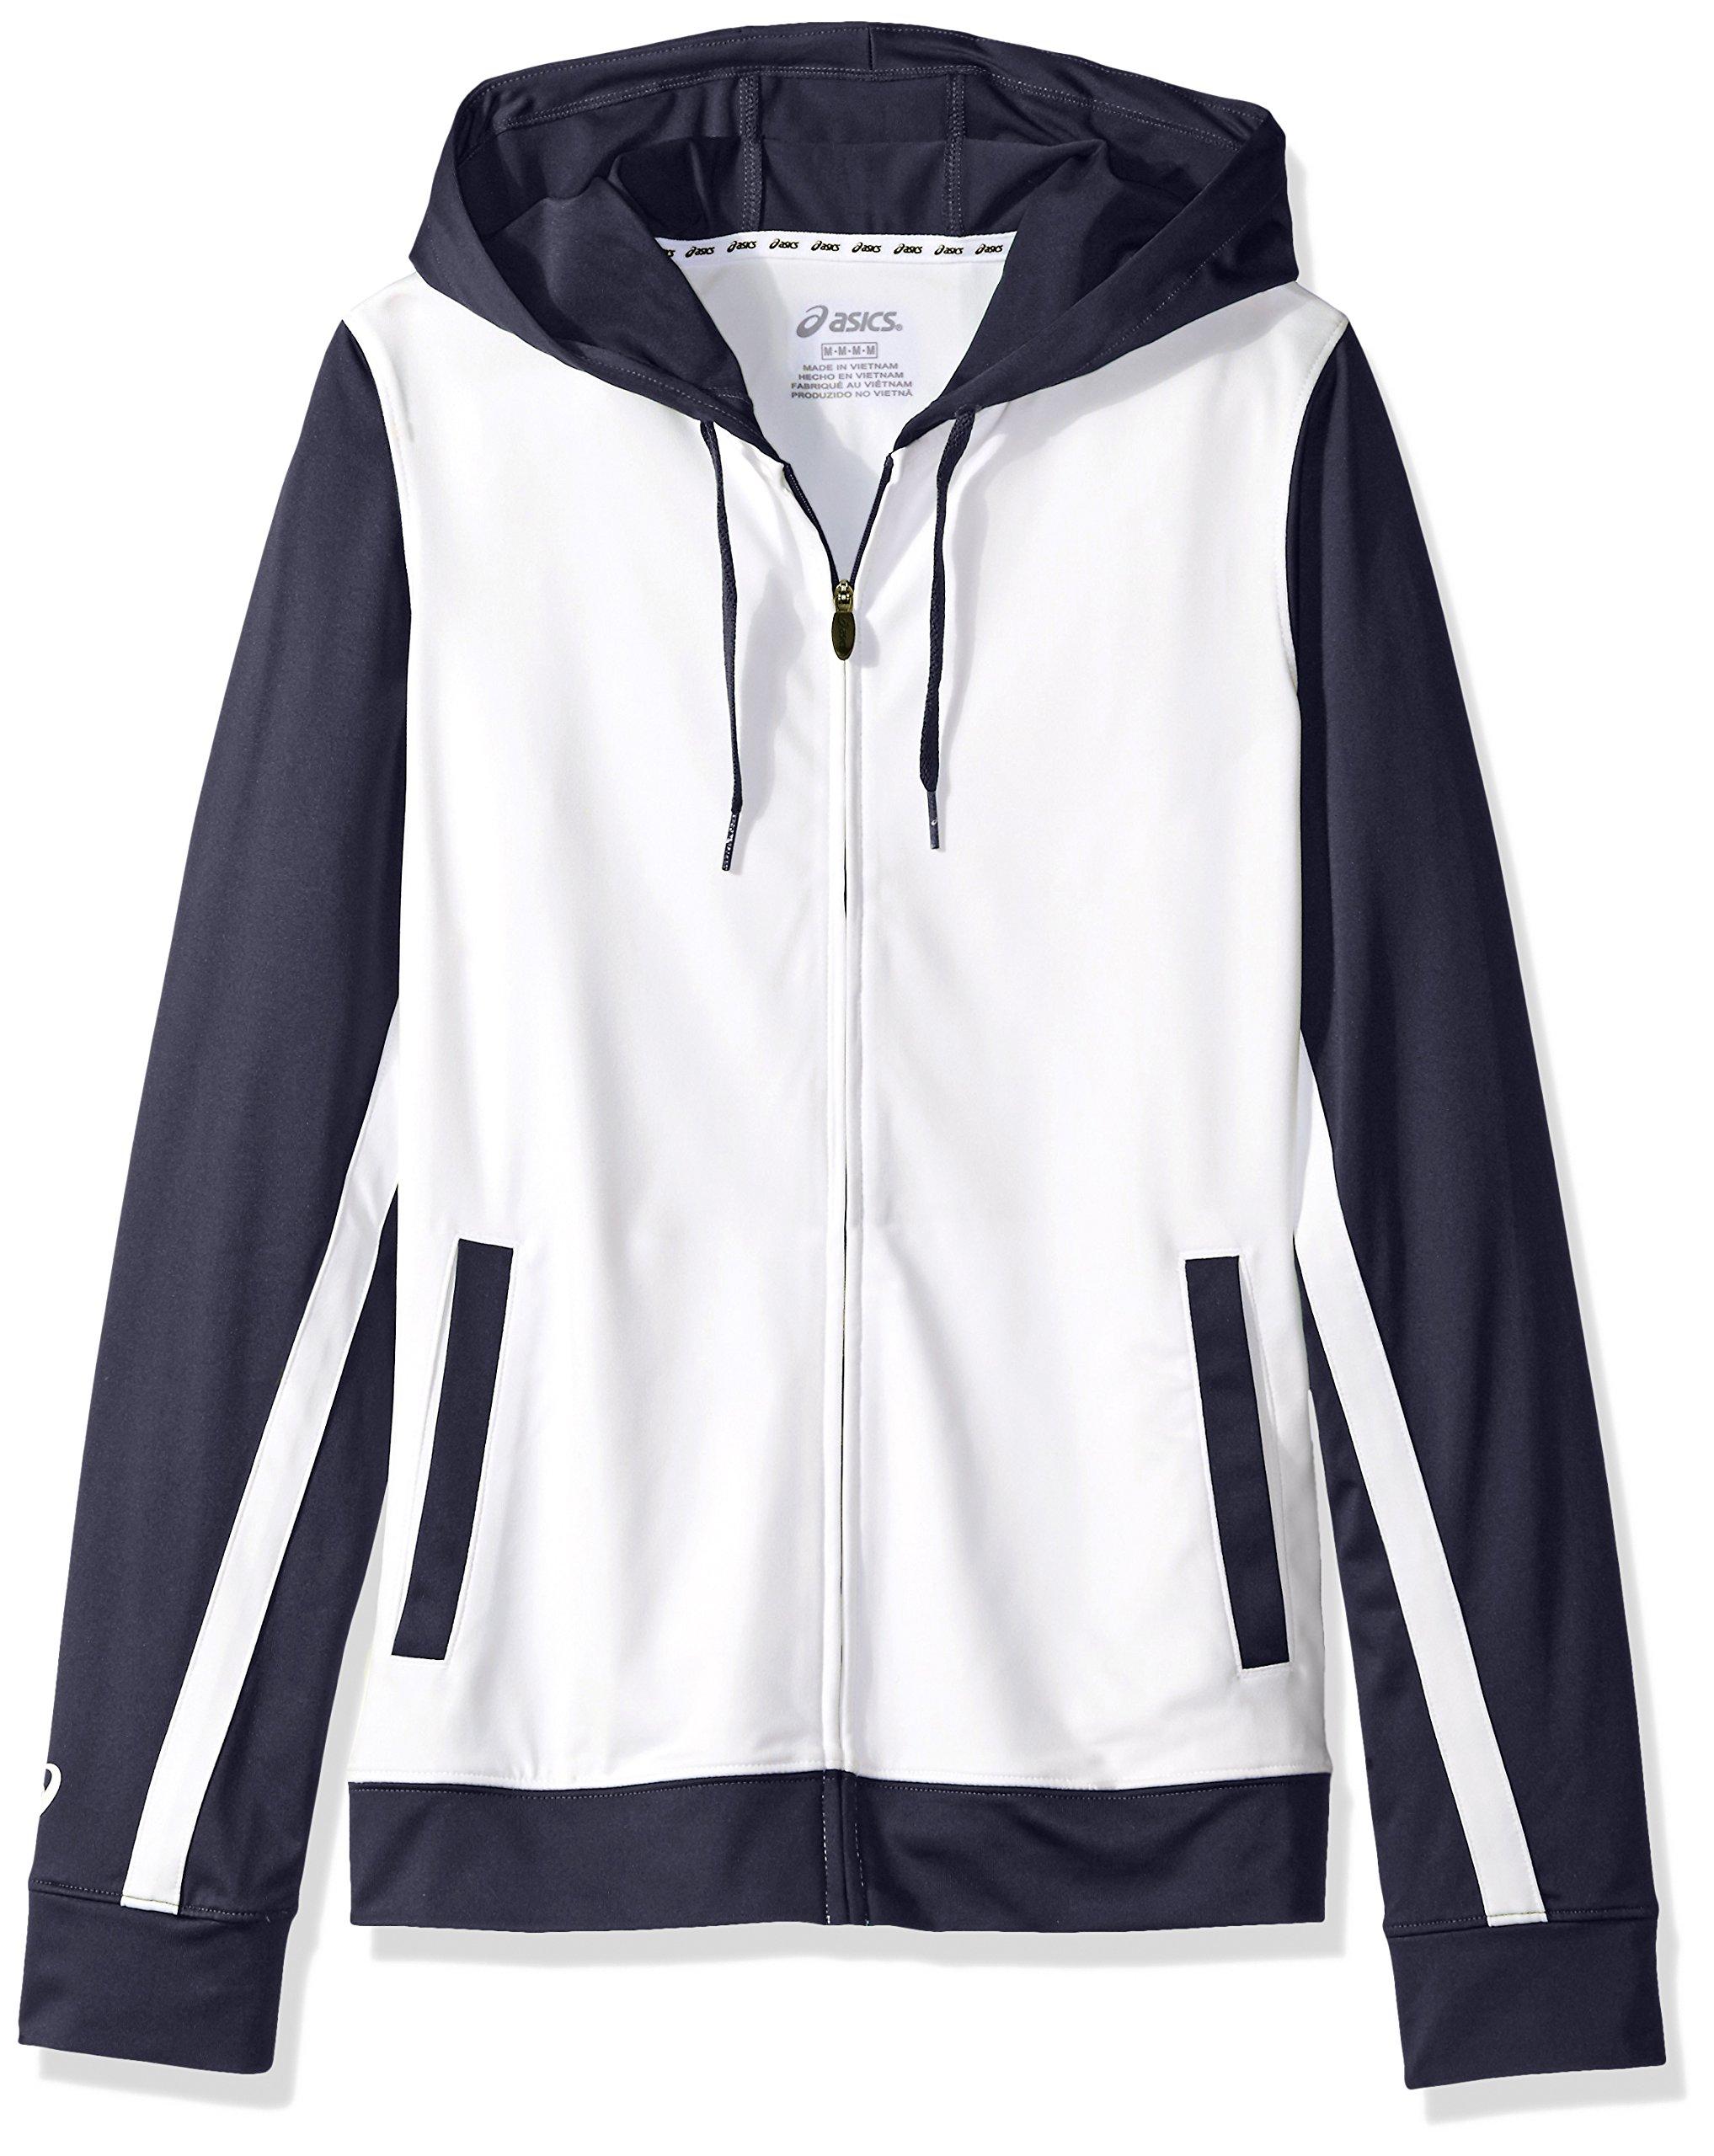 ASICS Unisex-Child Jr. Lani Jacket, White/Navy, Large by ASICS